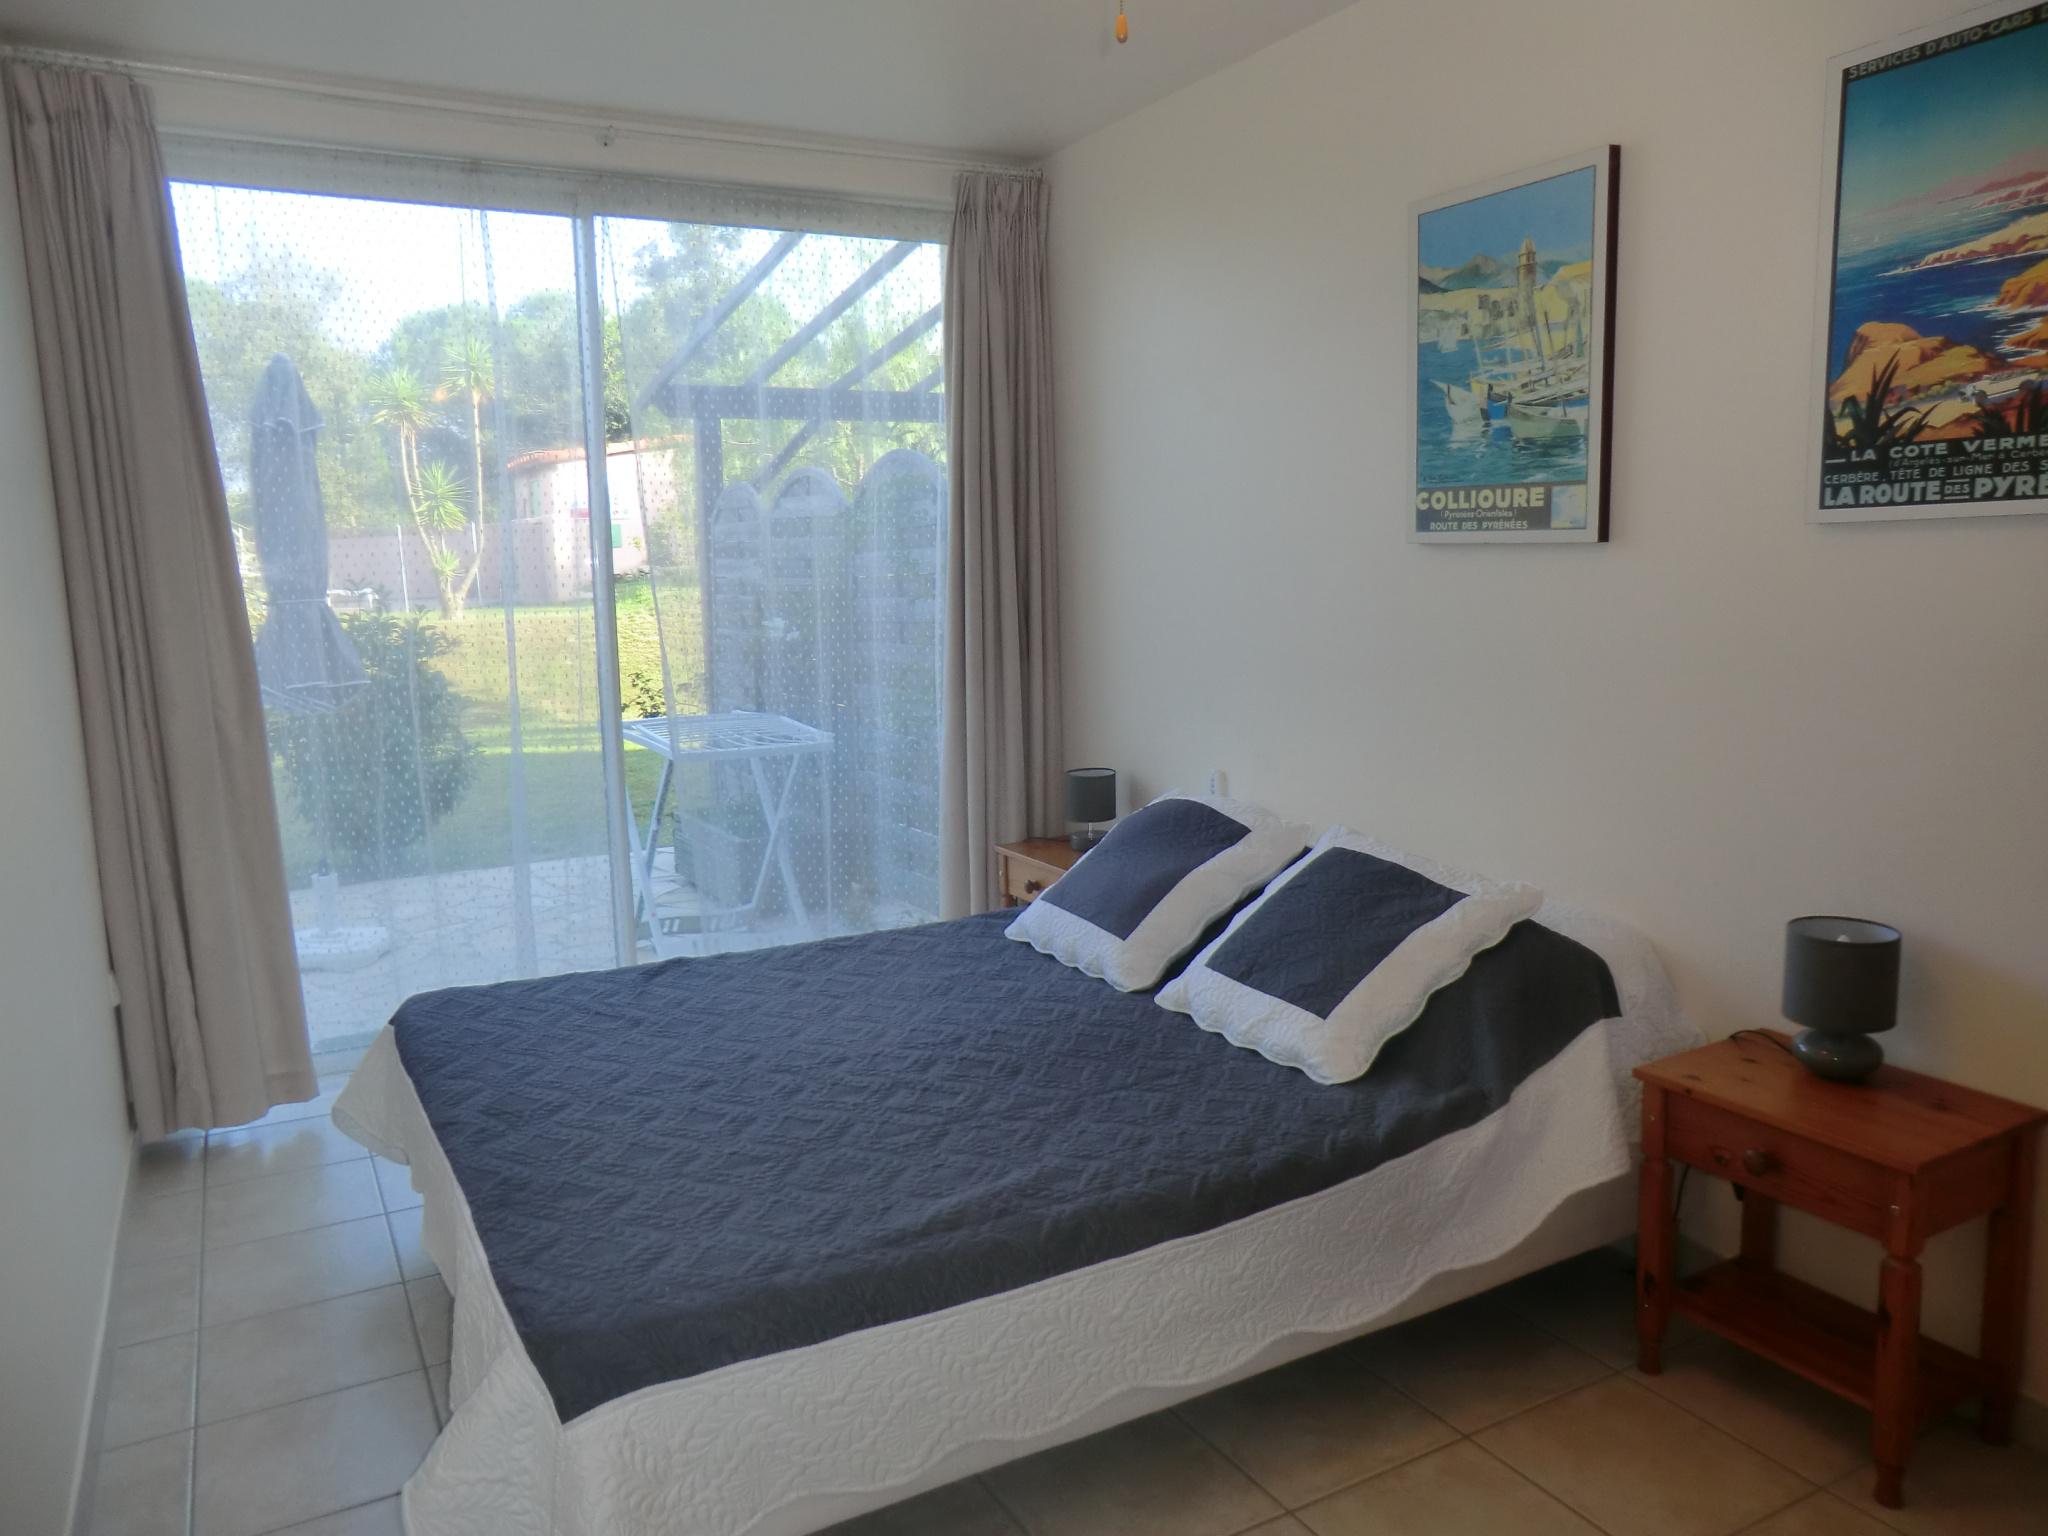 À vendre maison/villa de 500m2 à argeles sur mer (66700) - Photo 20'